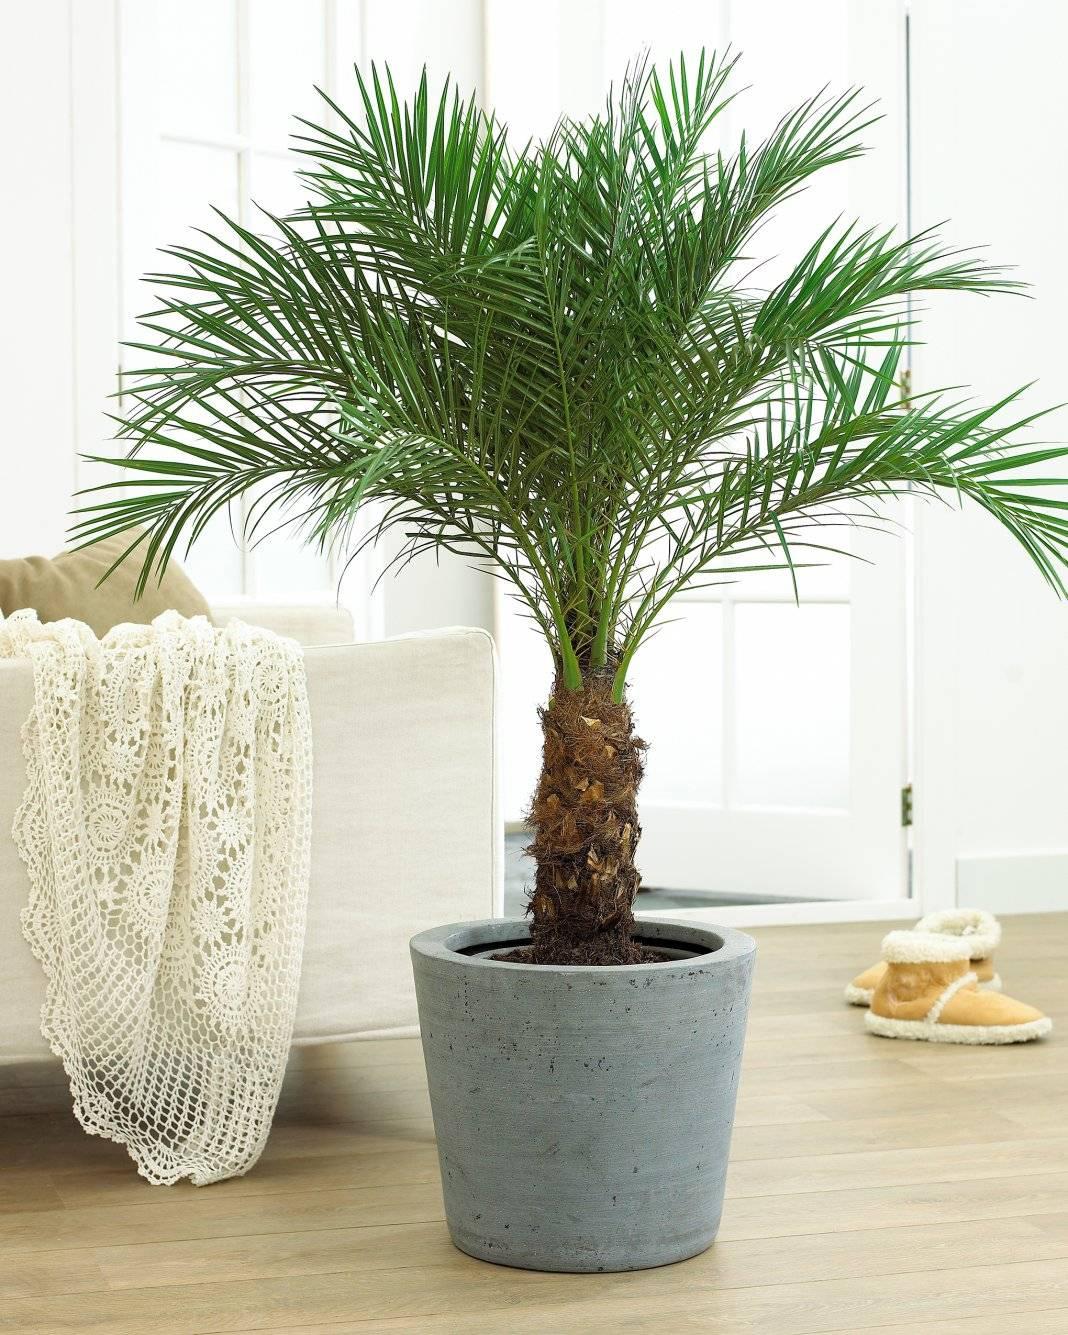 Как вырастить финиковую пальму из косточки в домашних условиях и как ухаживать за красивым вечнозеленым растением